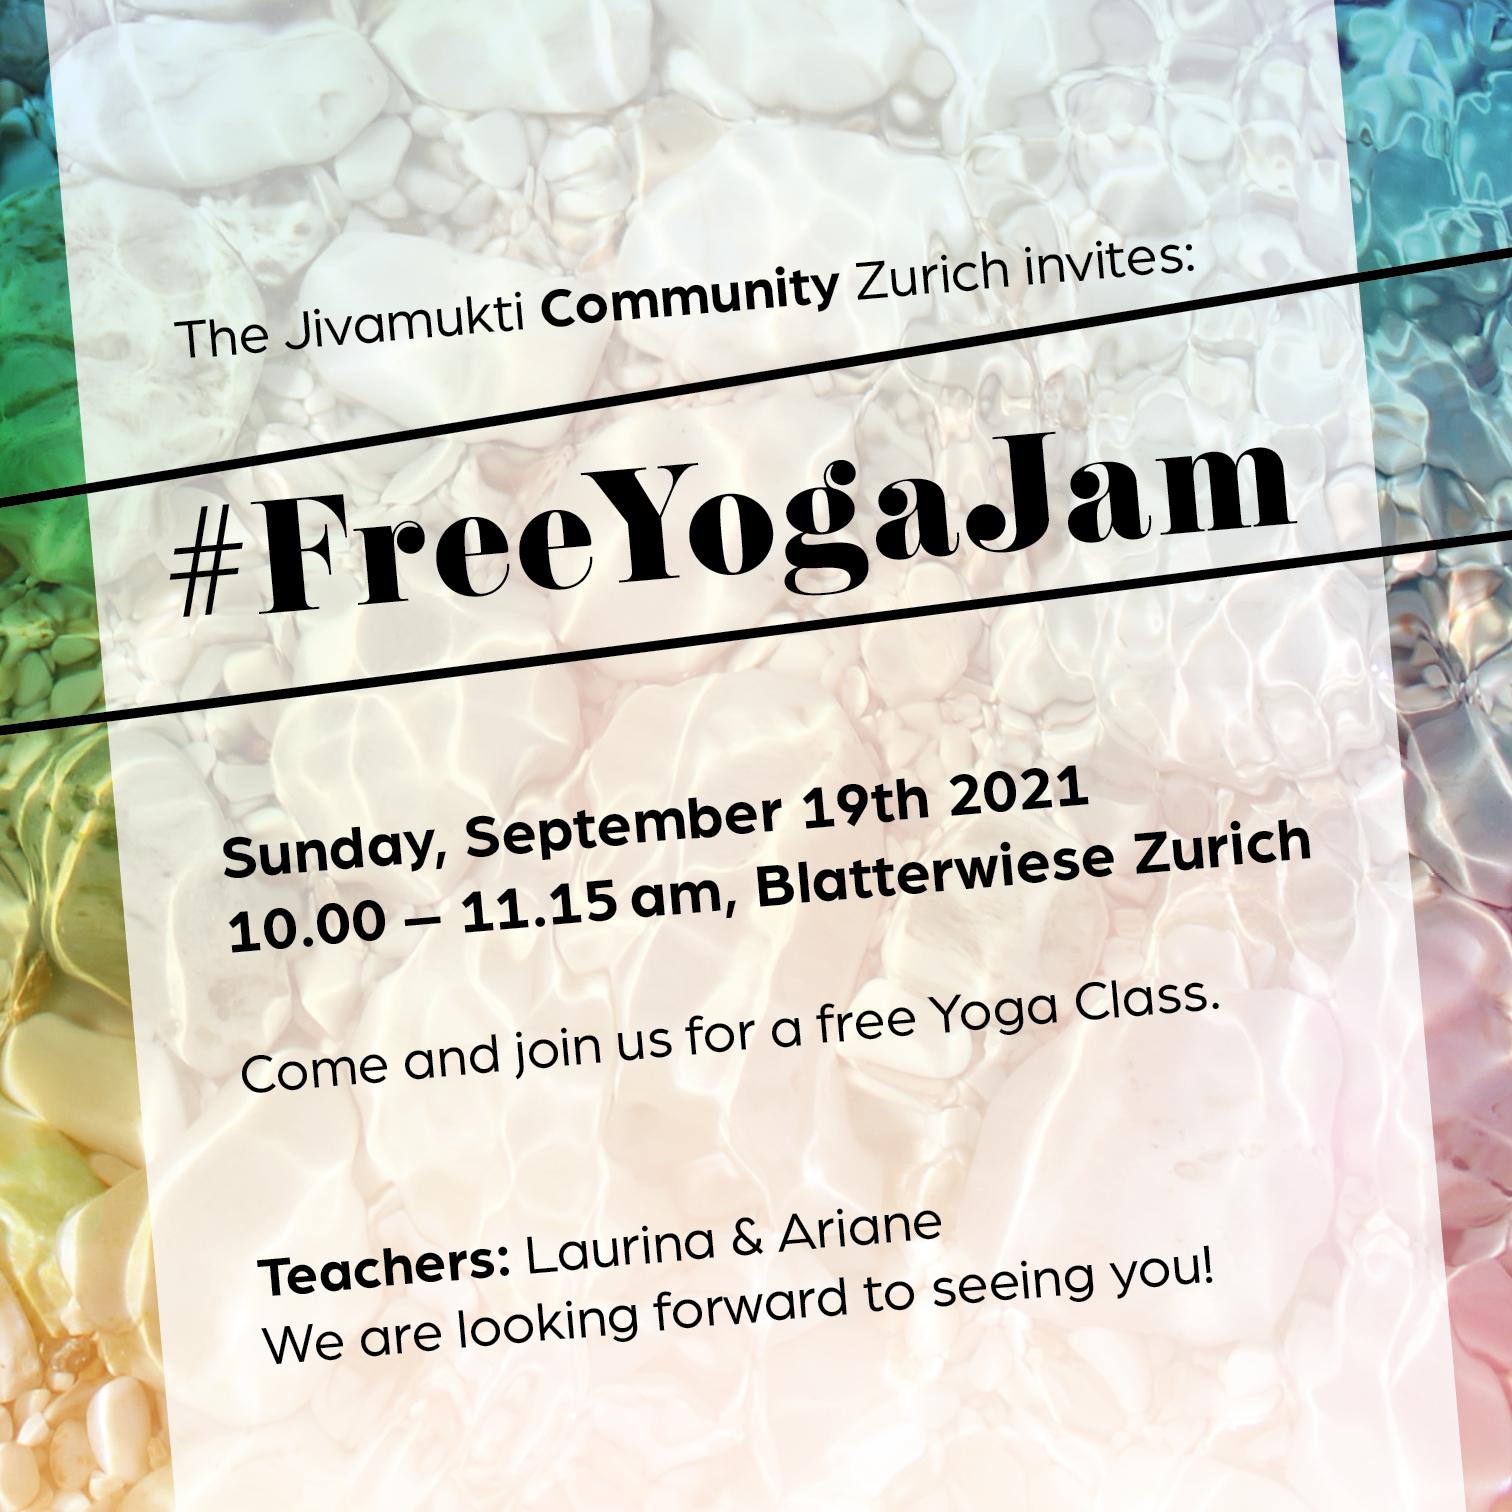 Free Yoga Jam Zurich